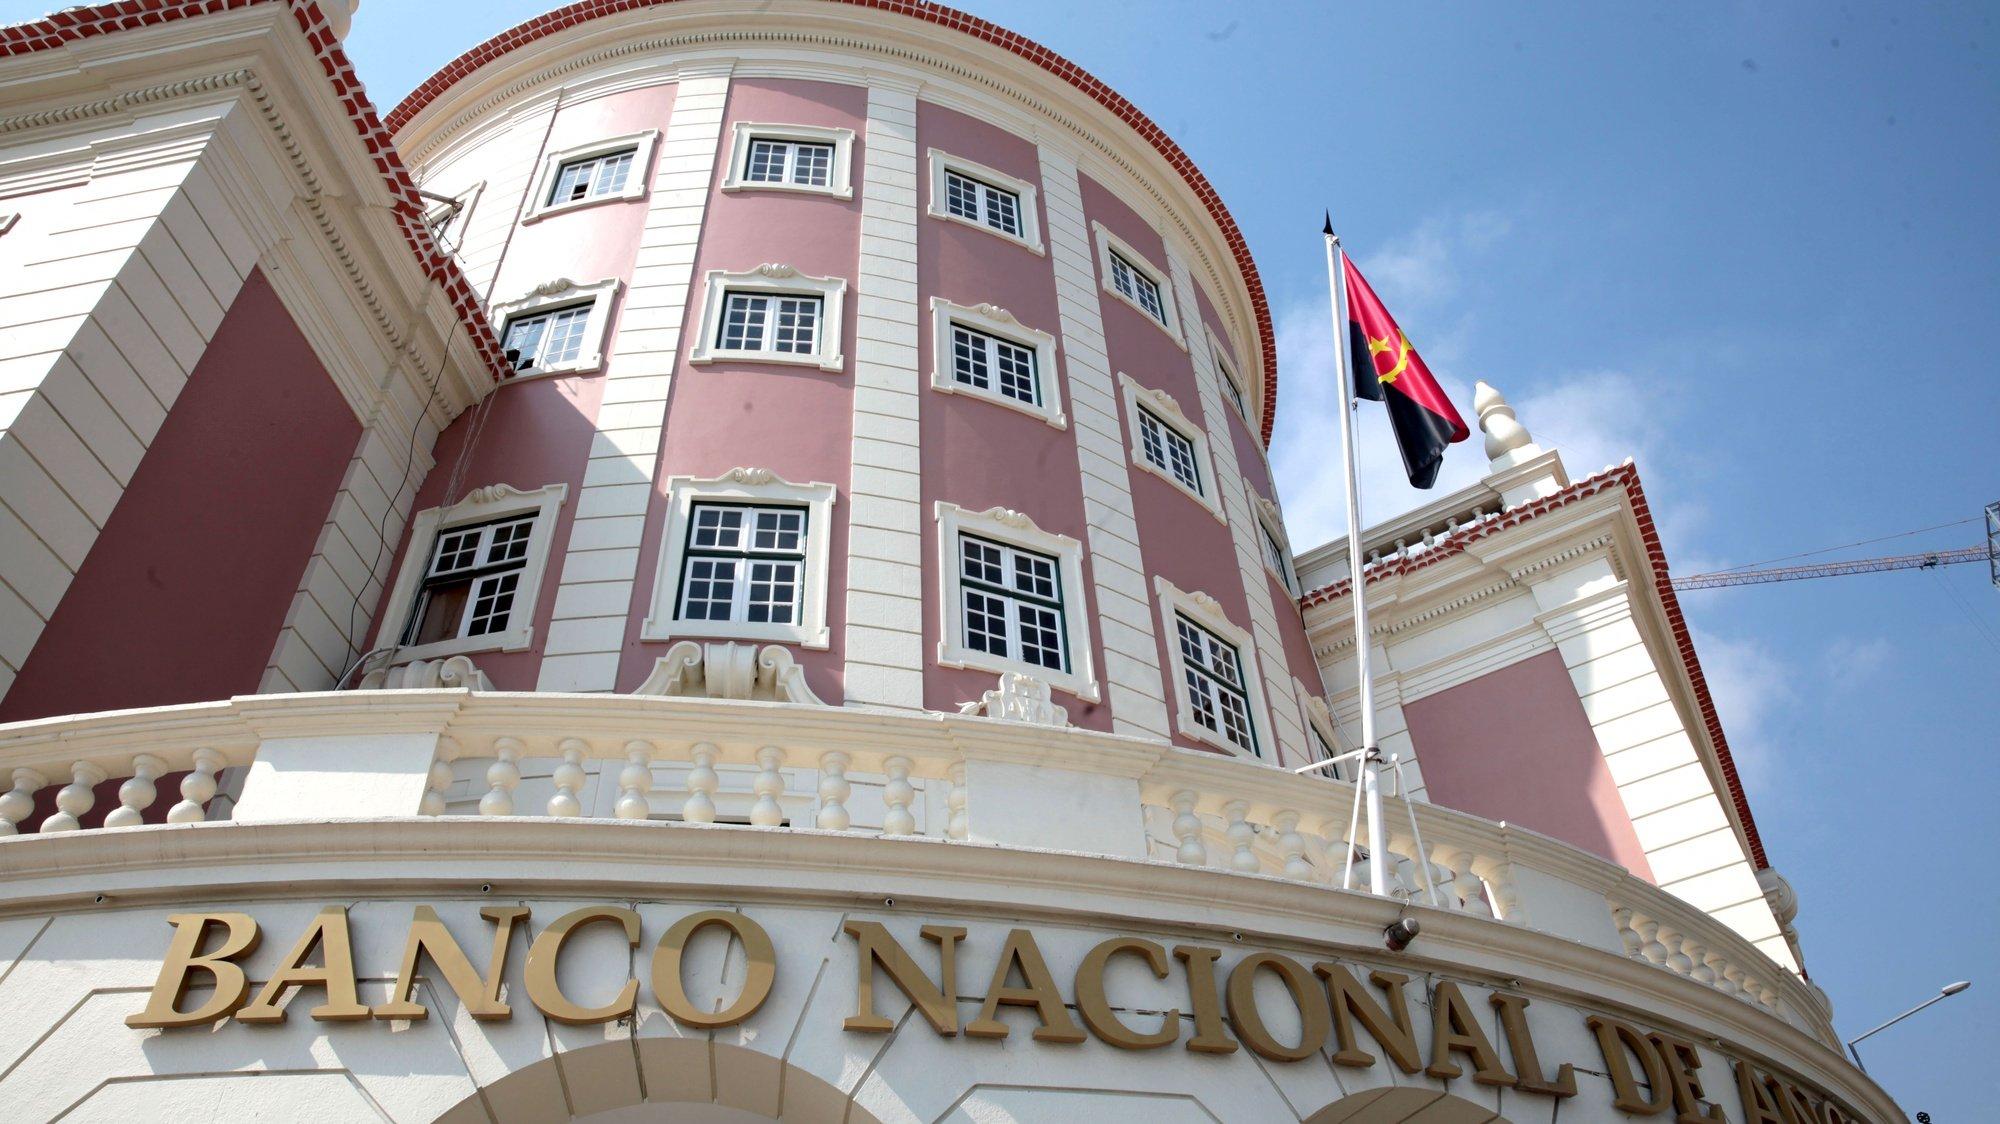 Pormenor da fachada do edifício do Banco Nacional de Angola (BNA), em Luanda, Angola, 07 de julho de 2020. AMPE ROGÉRIO/LUSA